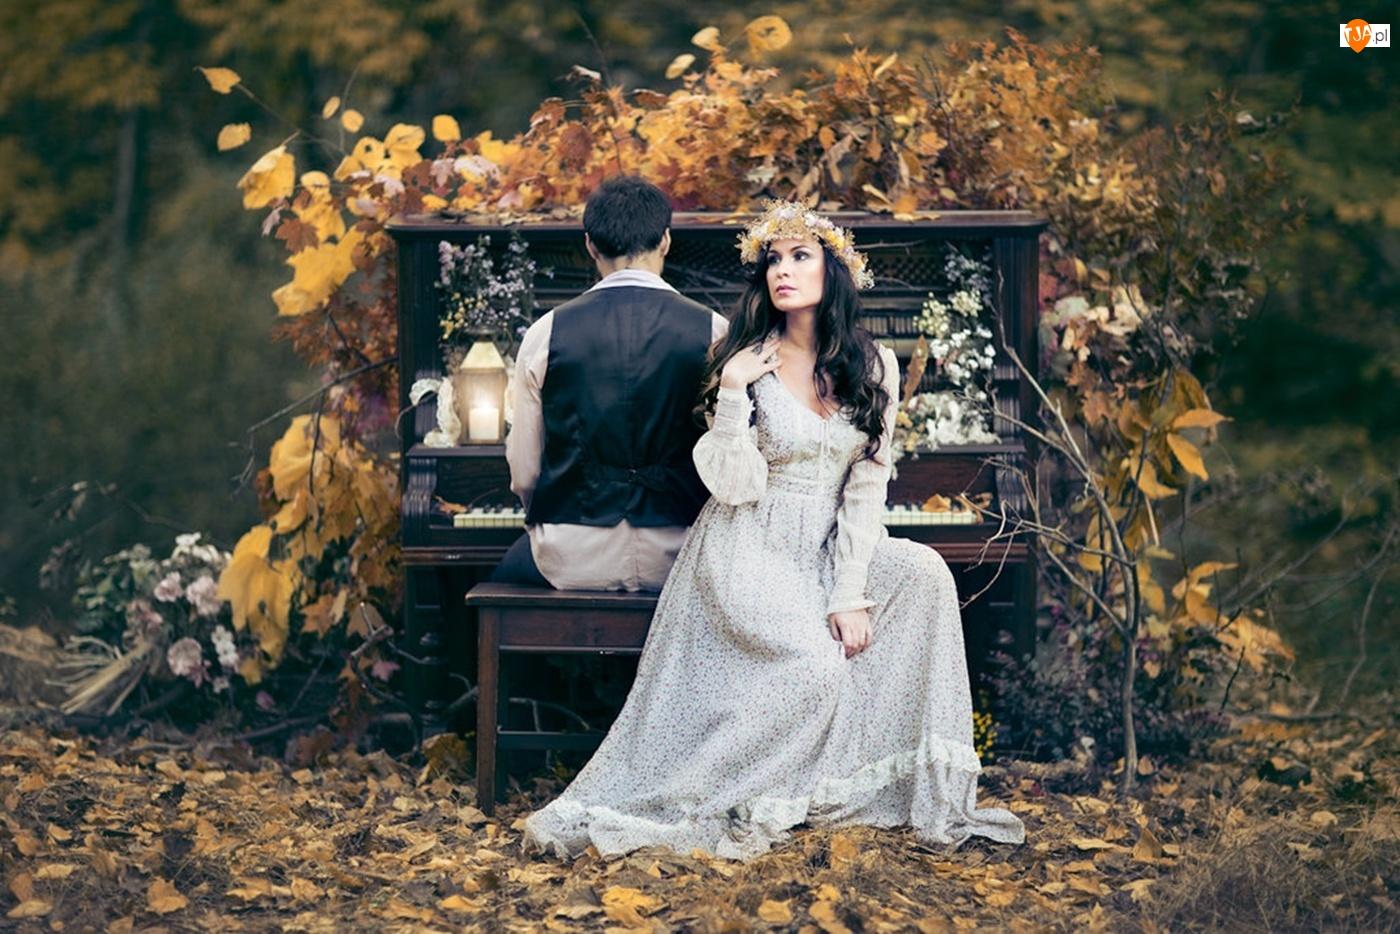 Pianino, Kobieta, Mężczyzna